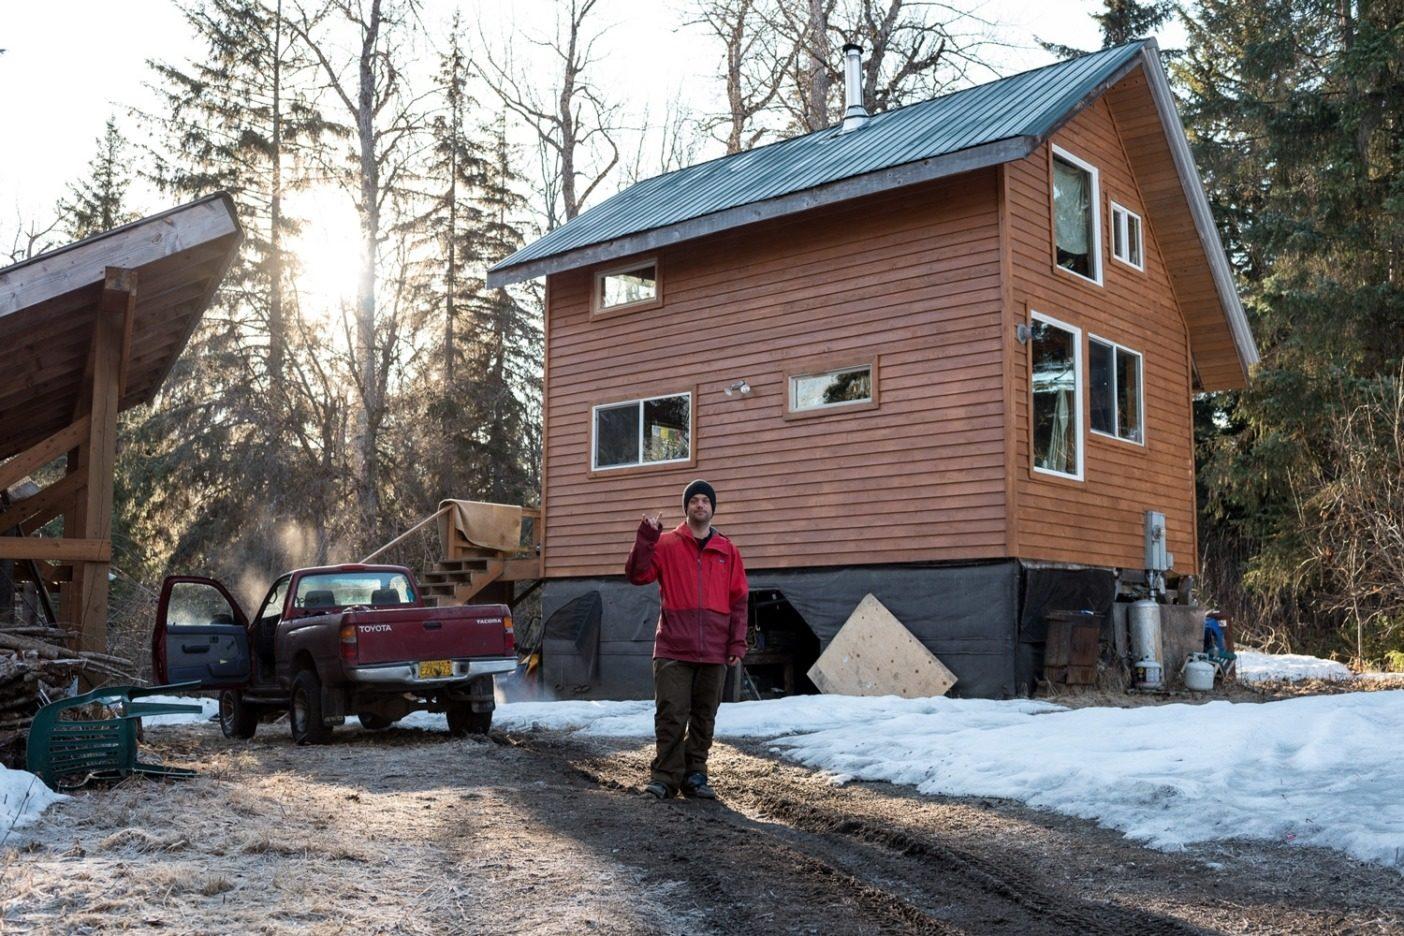 アラスカ州ヘインズの郊外42キロメートルの場所にある自宅の前に立つベル。シンプルな2階建ての家には、屋外コンポストトイレ、暖房用のウッドストーブ、調理用のプロパンコンロ、キッチンに設置するオンデマンド式のシャワーがある。Photo:Colin Wiseman